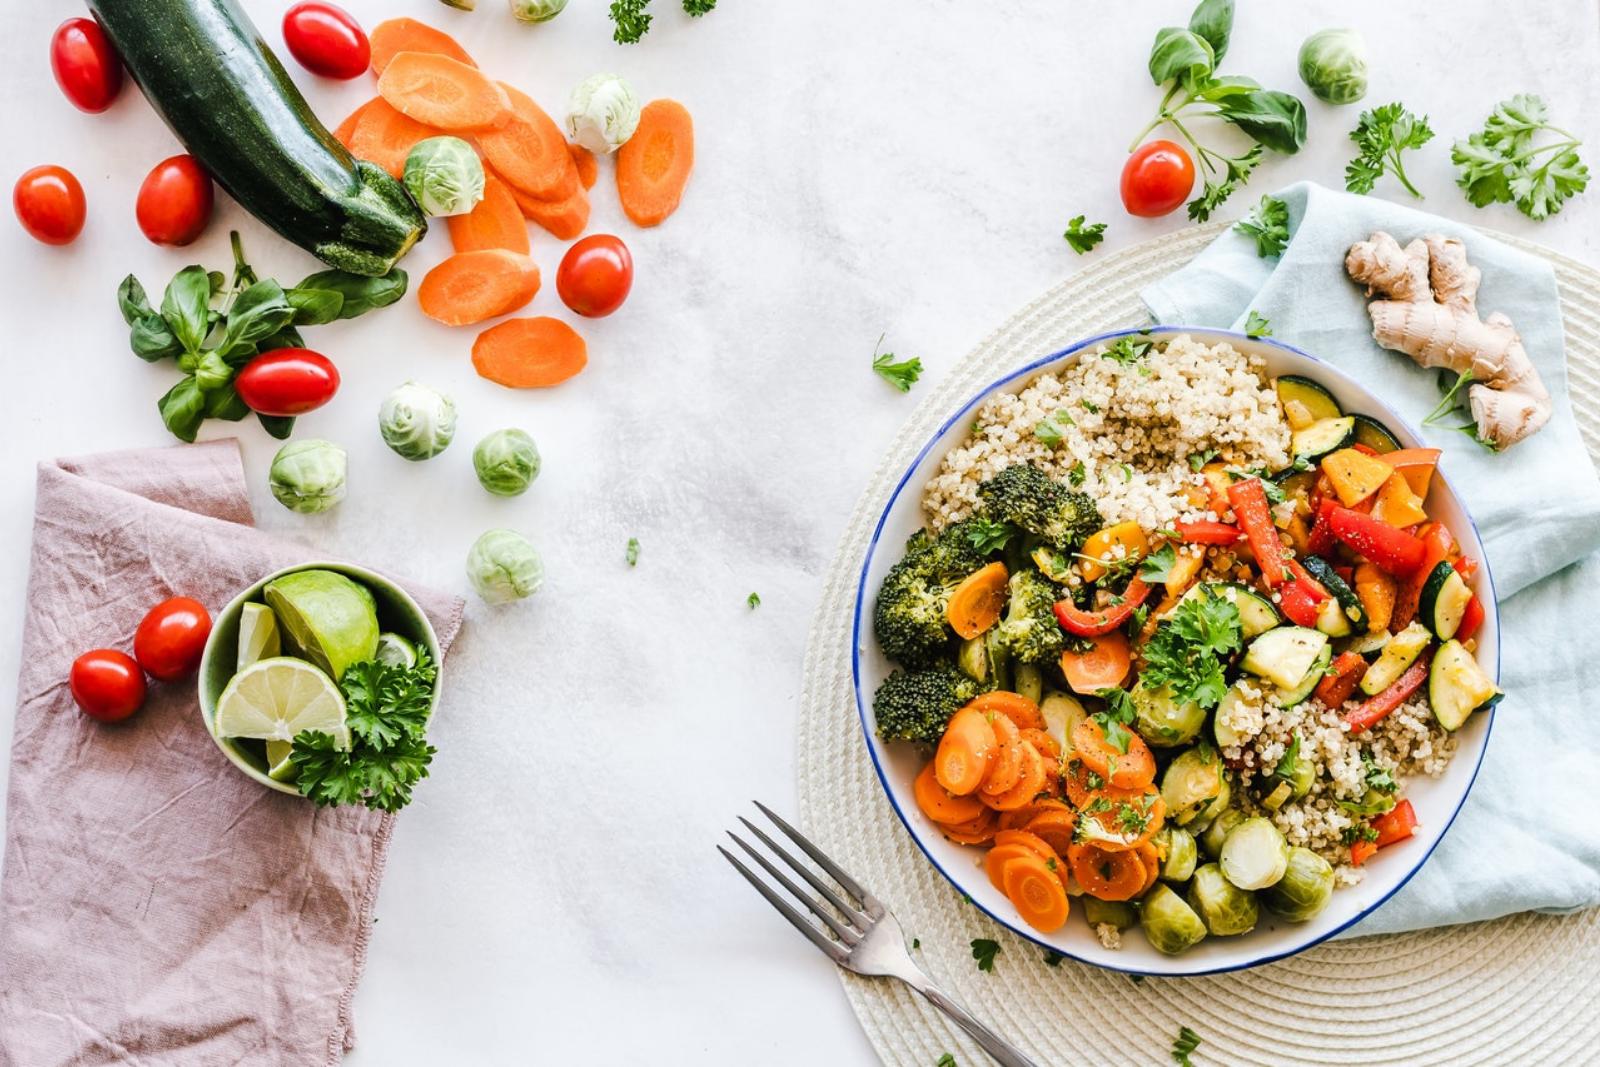 Mantén una alimentación saludable para una vida plena